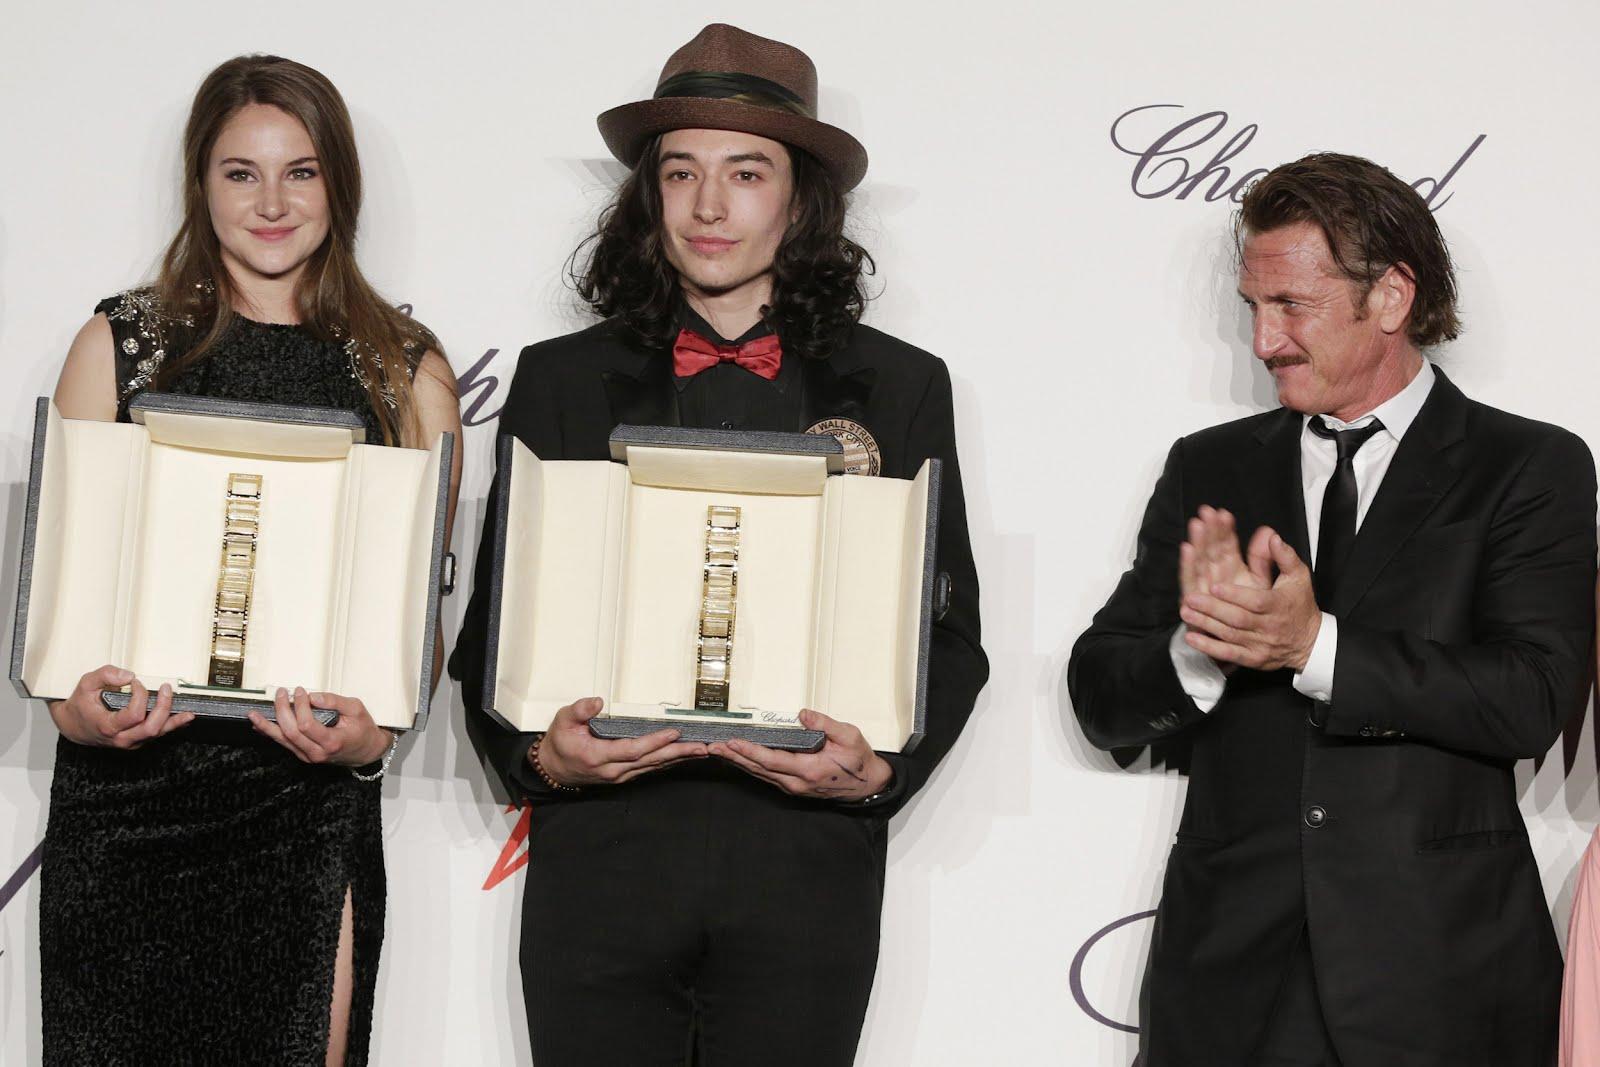 http://1.bp.blogspot.com/-jVysmUhB4RQ/T7Yglzet-XI/AAAAAAAACa4/tKOU6-fyBh0/s1600/Shailene_Woodley_and_Ezra_Miller_and_Sean_Penn.jpg